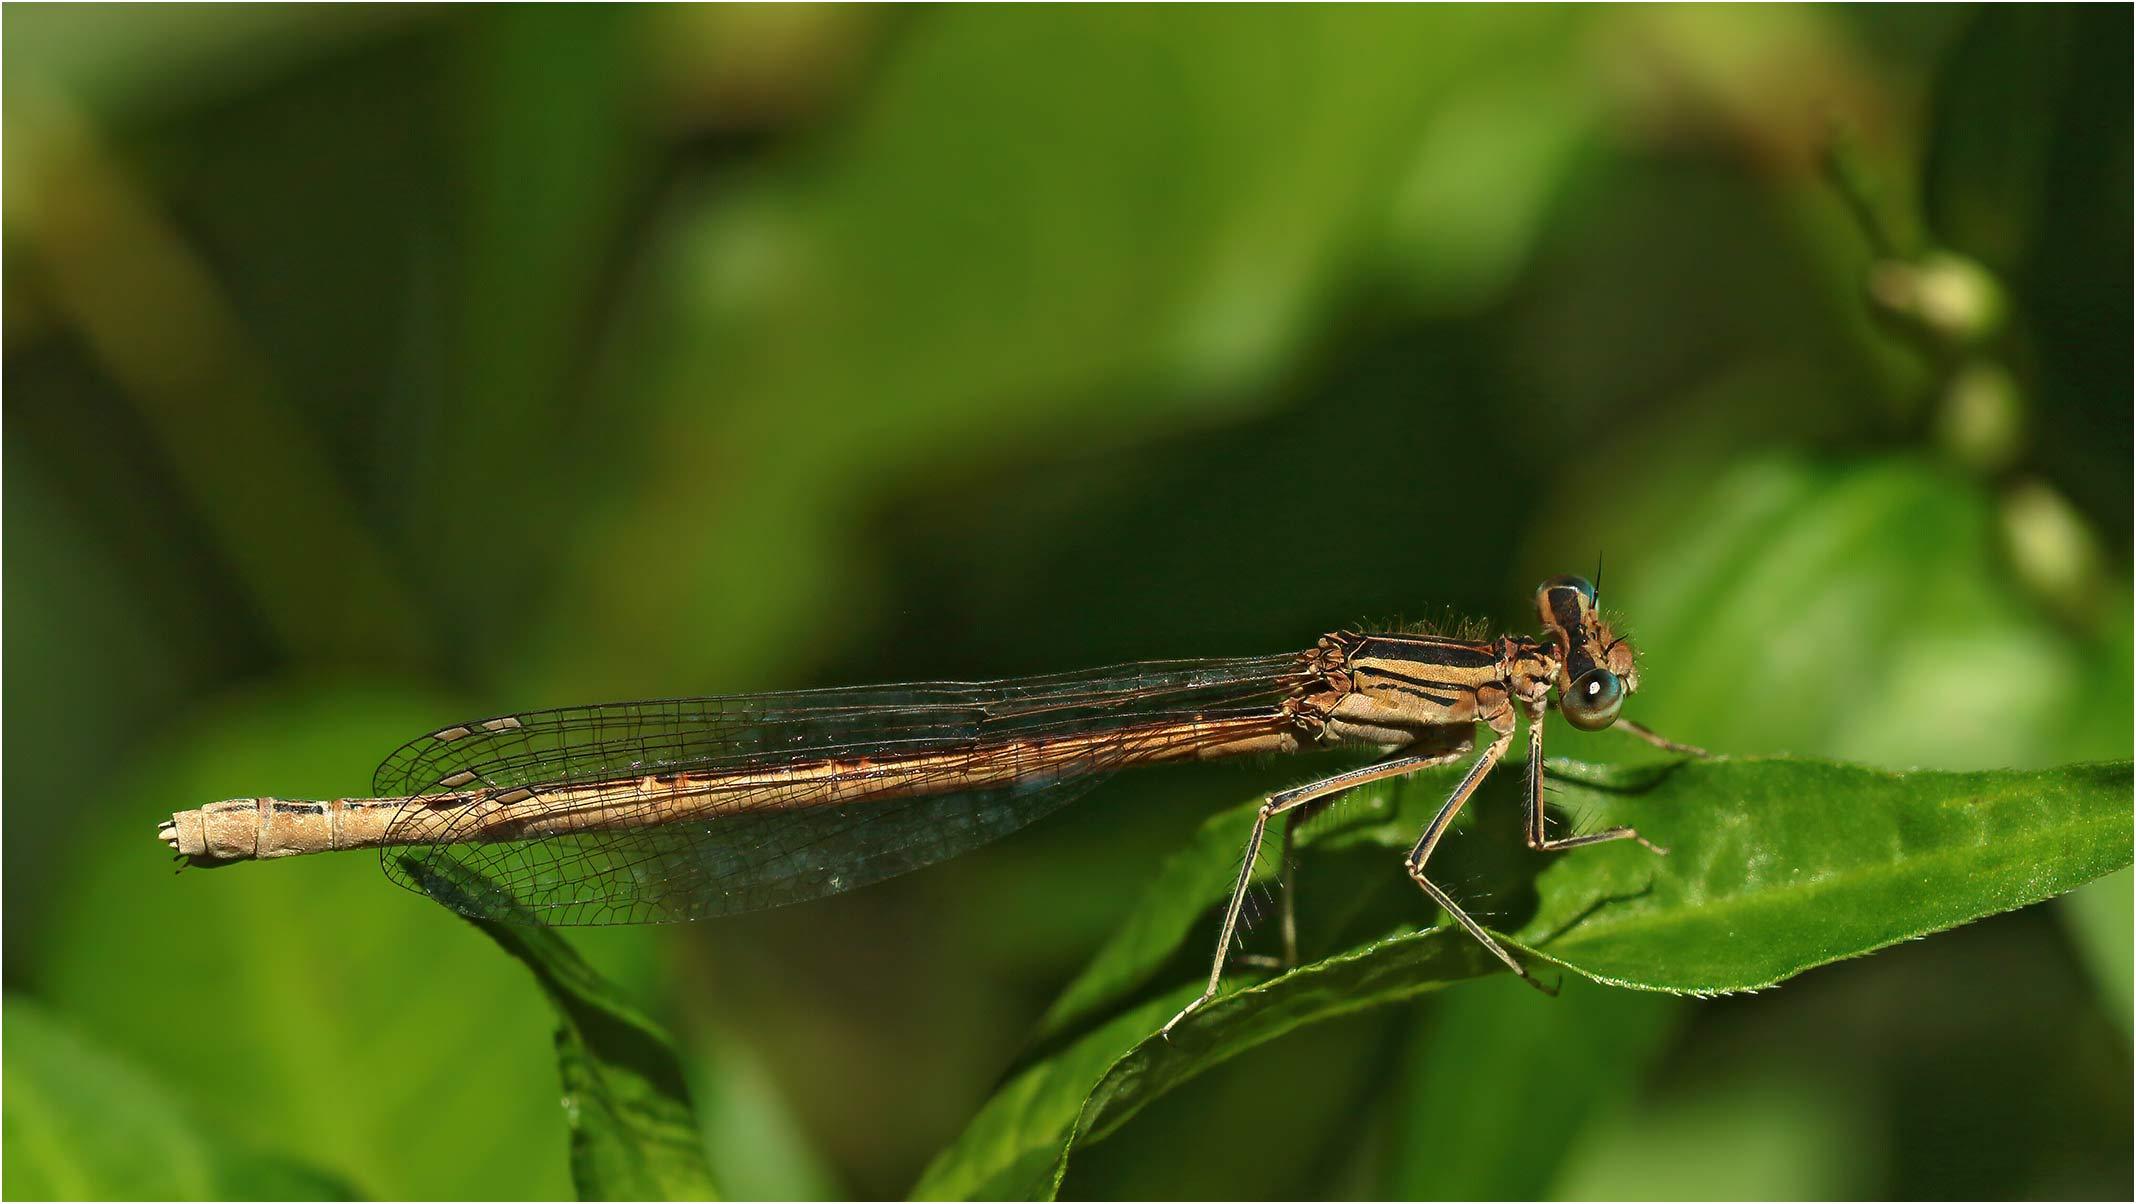 Platycnemis acutipennis femelle, Sort-en-Chalosse (France-40), près du Luy, 04/07/2020